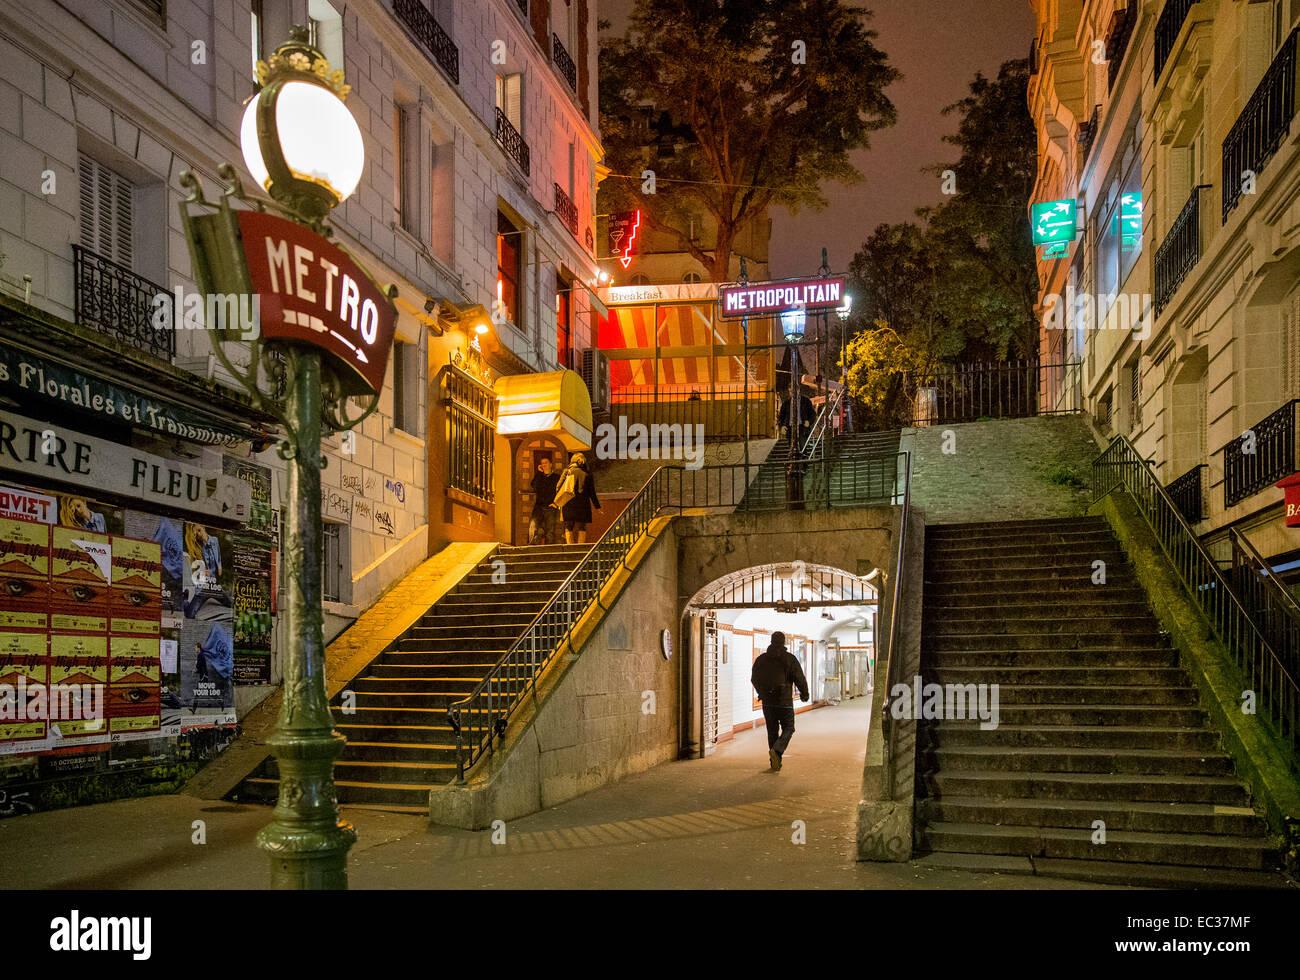 Entrada metro Montmartre Paris Francia noche Imagen De Stock